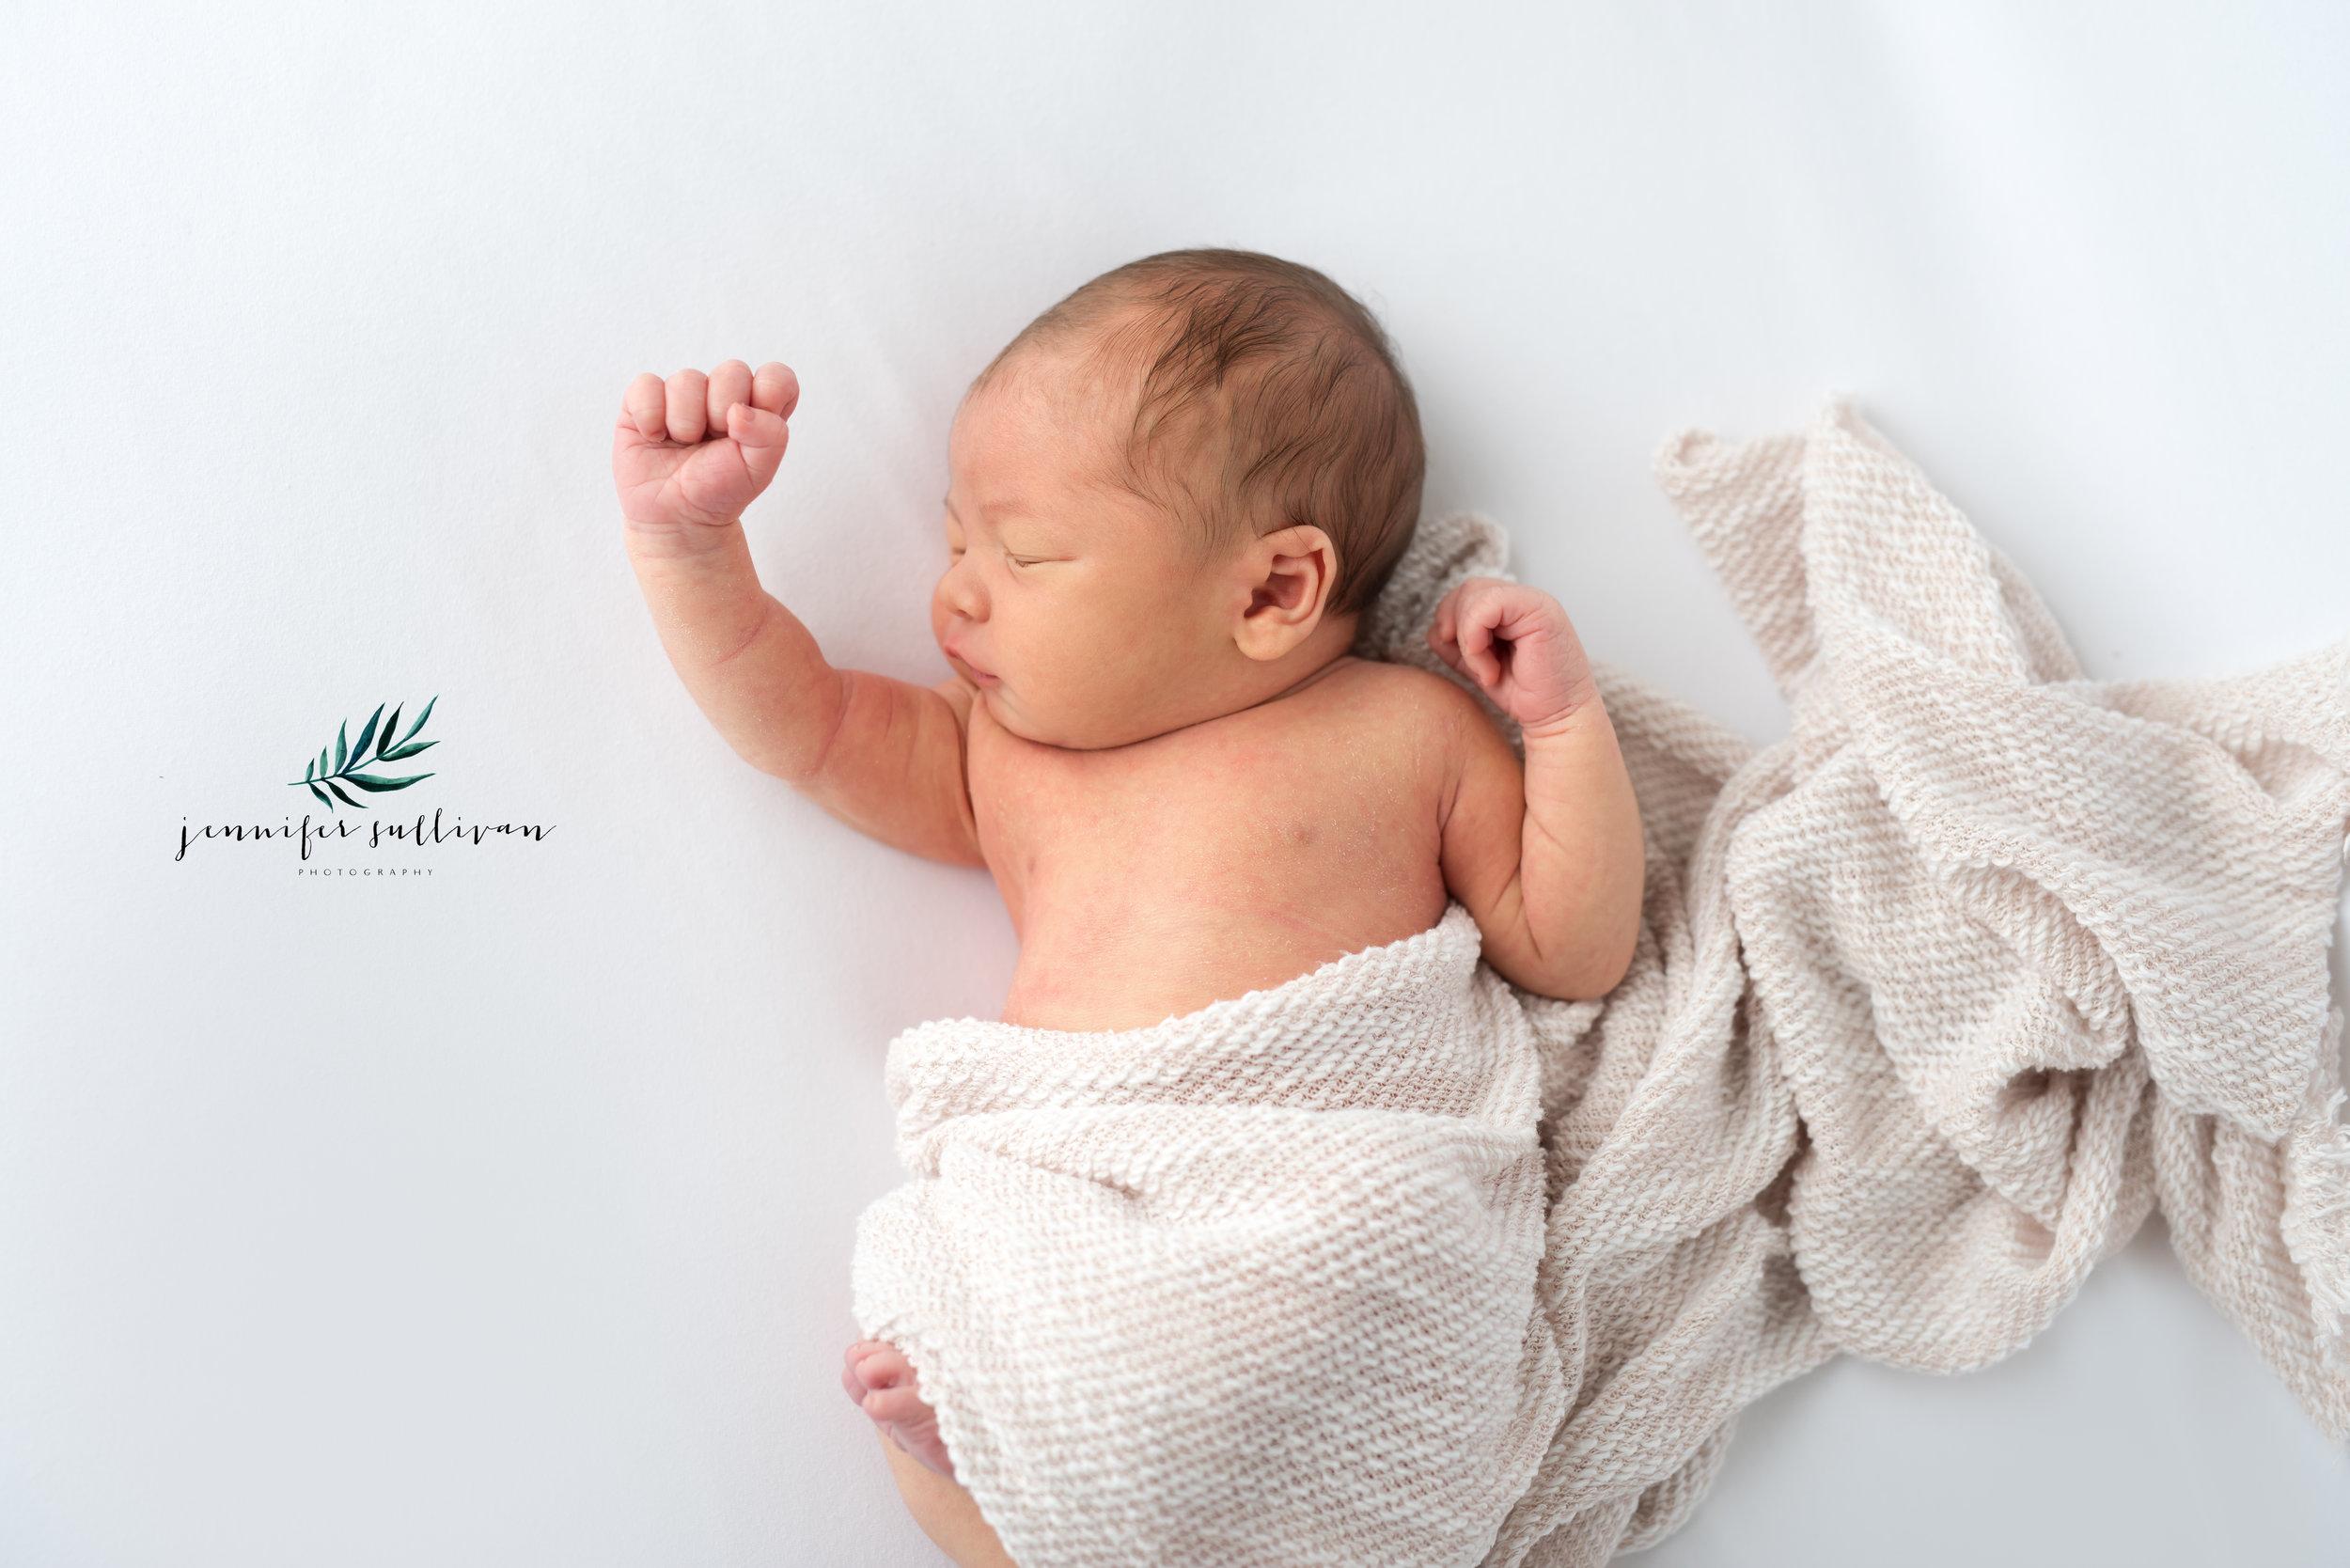 dartmouth baby photographer newborn-402-4.jpg